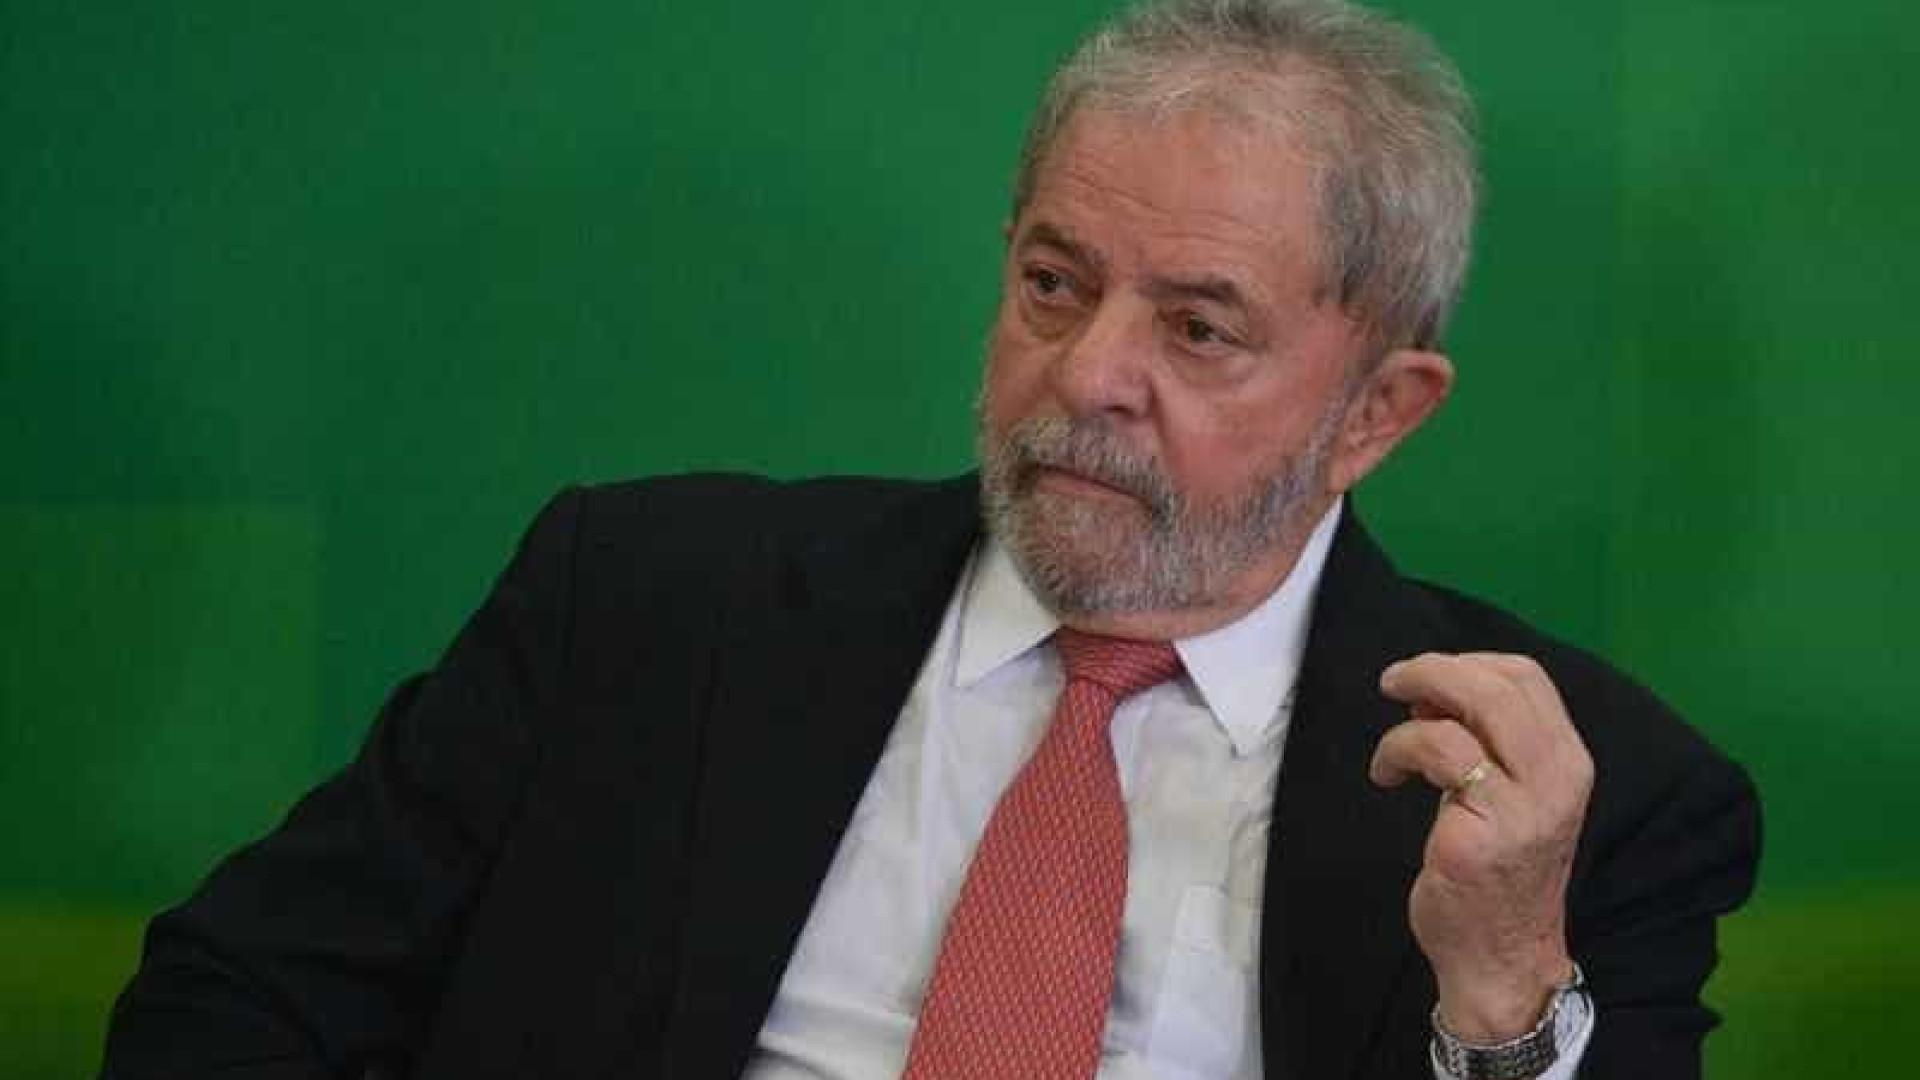 Planilha indica repasse de R$ 8 mi  da Odebrecht a Lula, diz PF